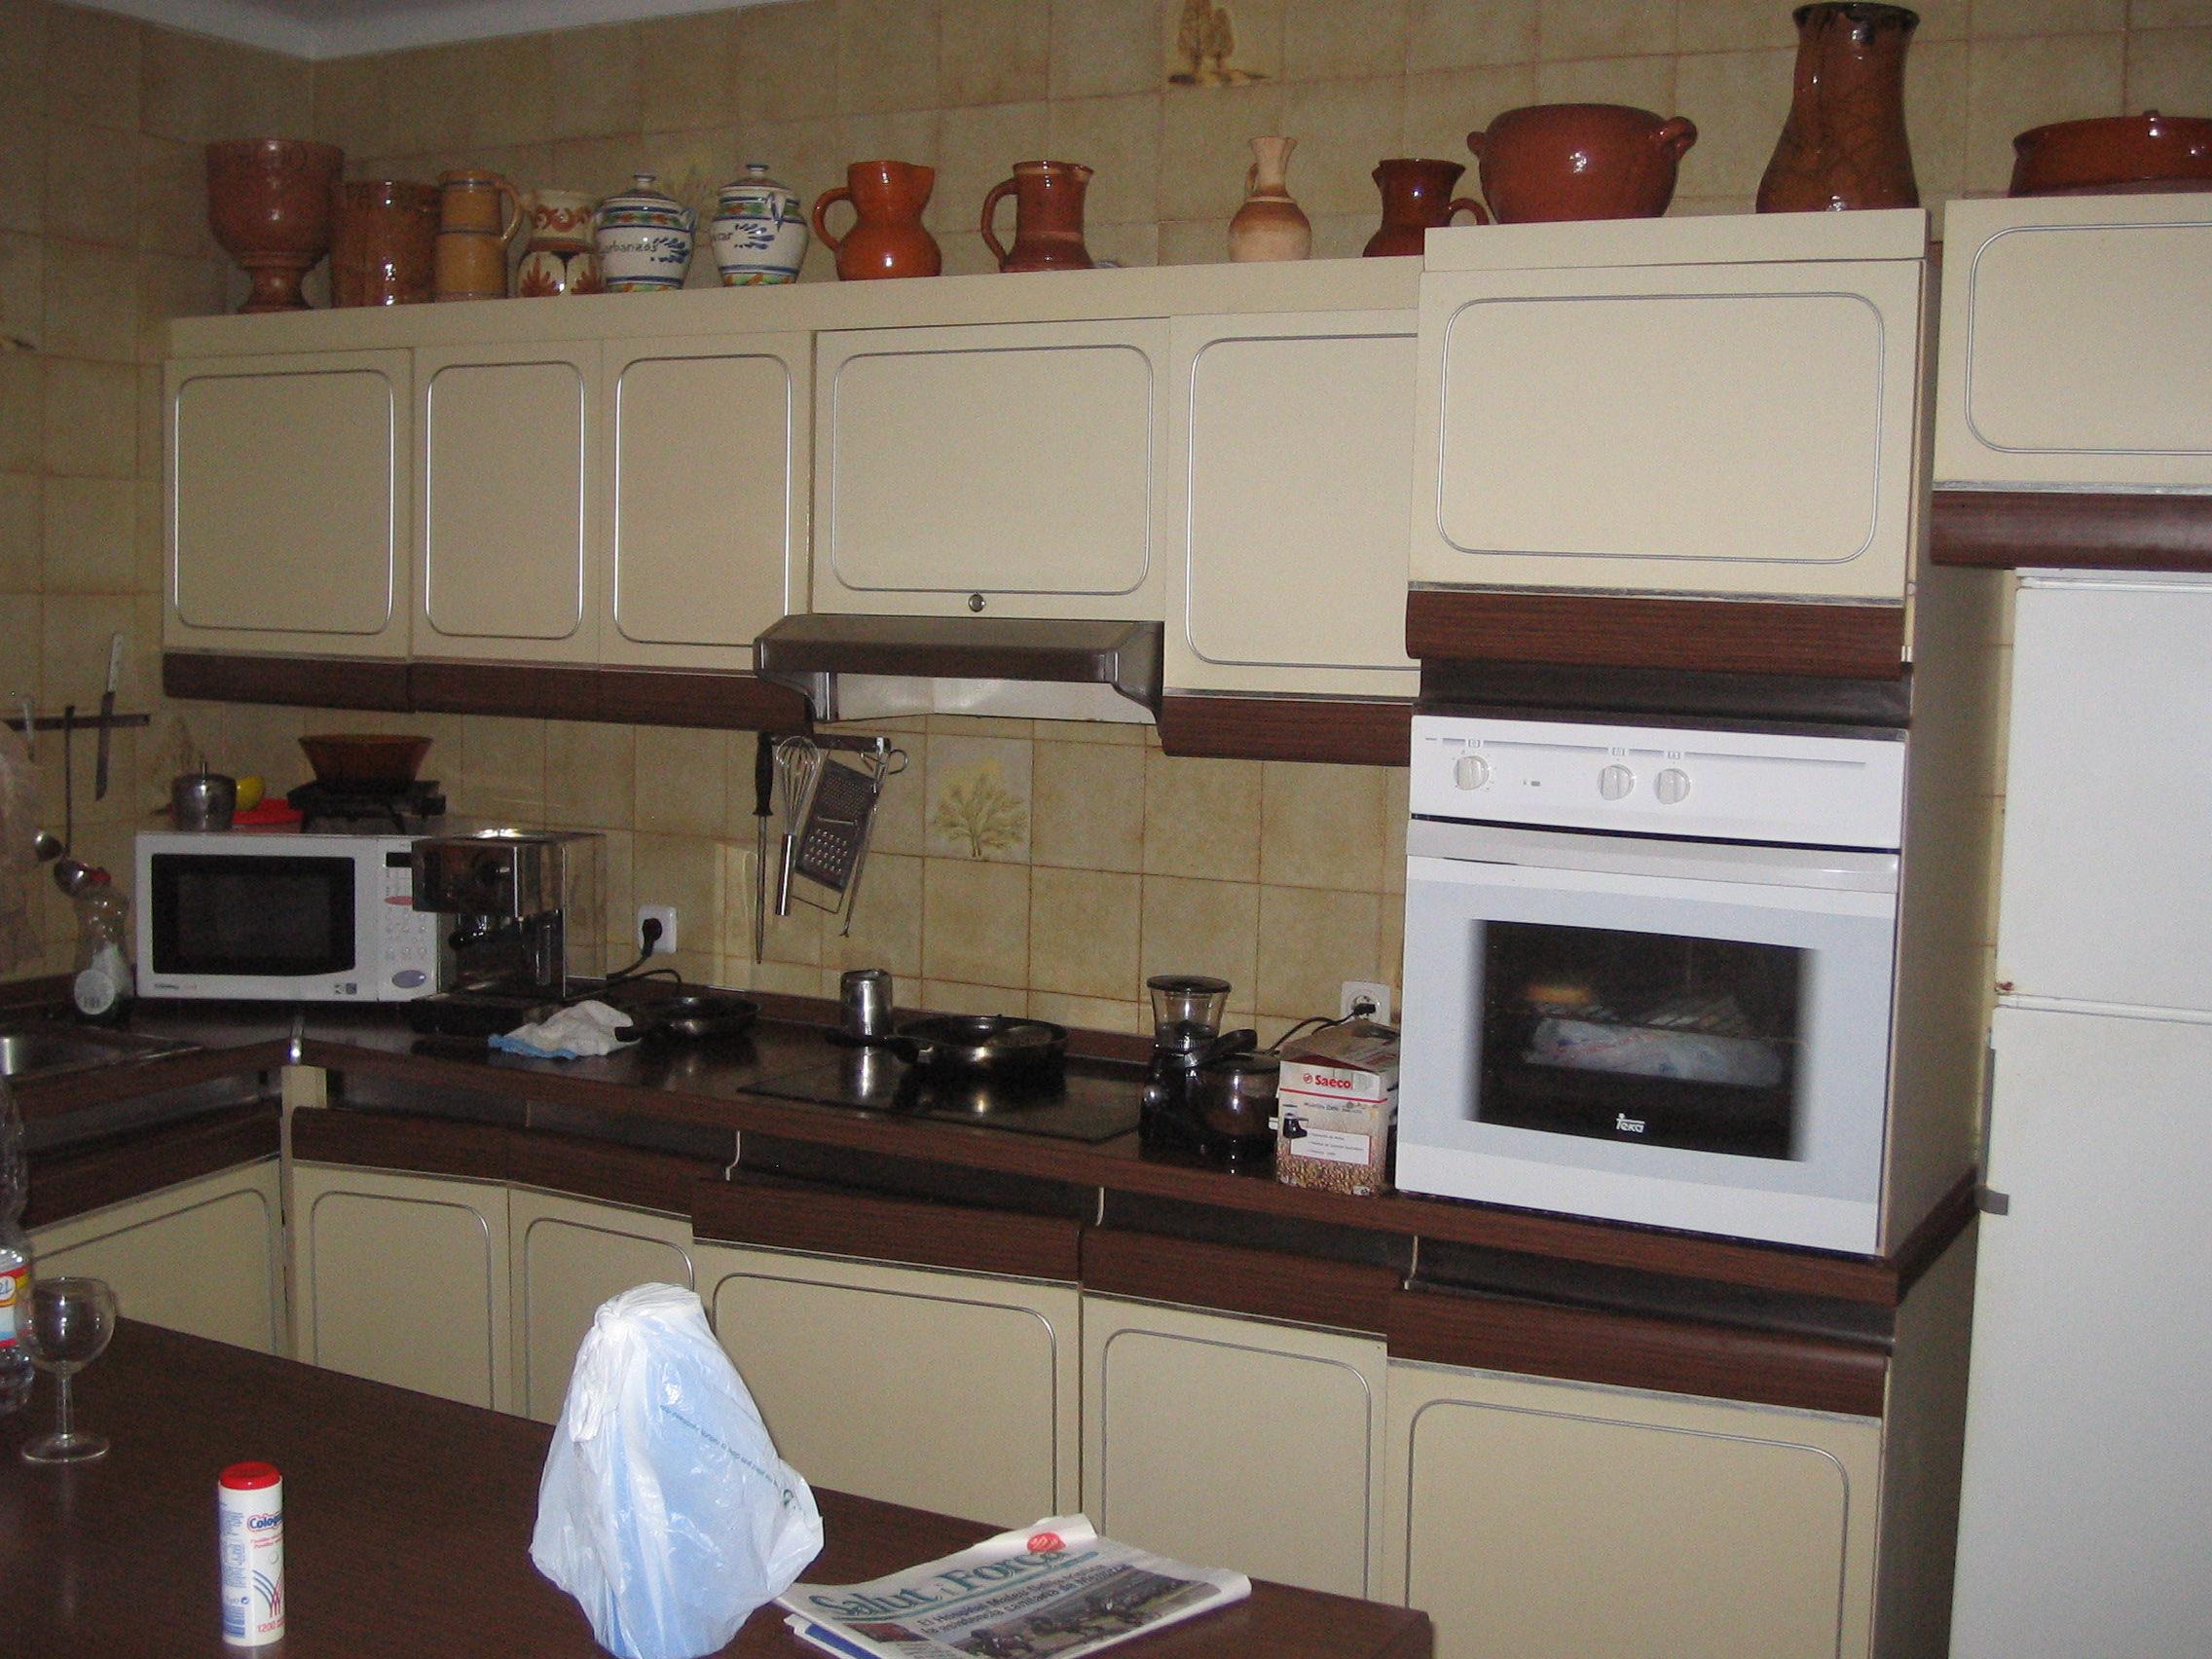 Archivo cocina rafax jpg wikipedia la enciclopedia libre - Quitar azulejos cocina ...